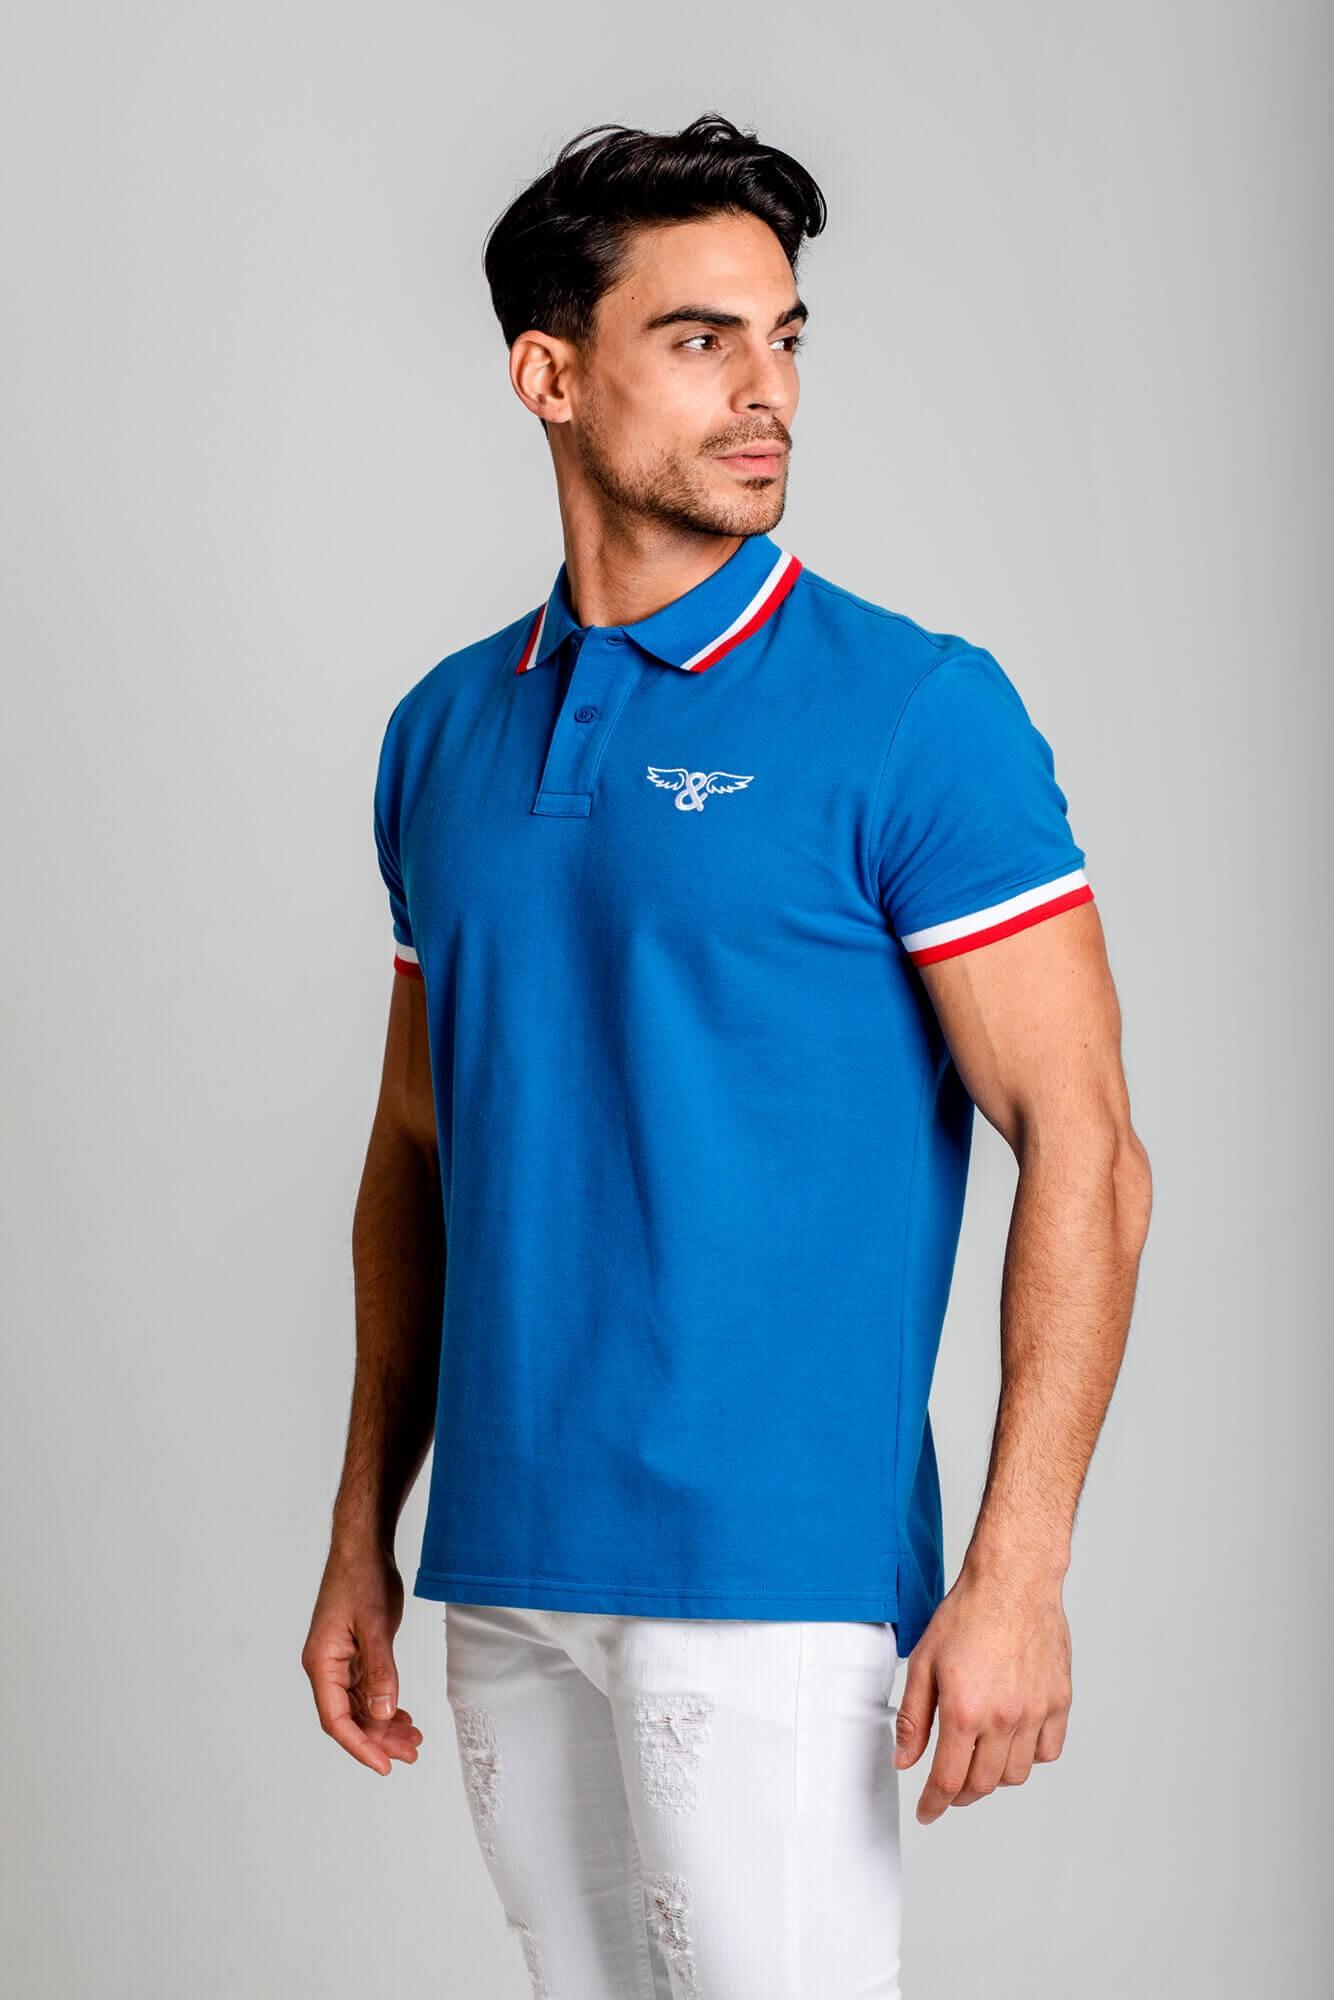 Camiseta polo contrast slim fit. Blanco y azul royal. Estilo urbano de la marca ELIU streetwear.